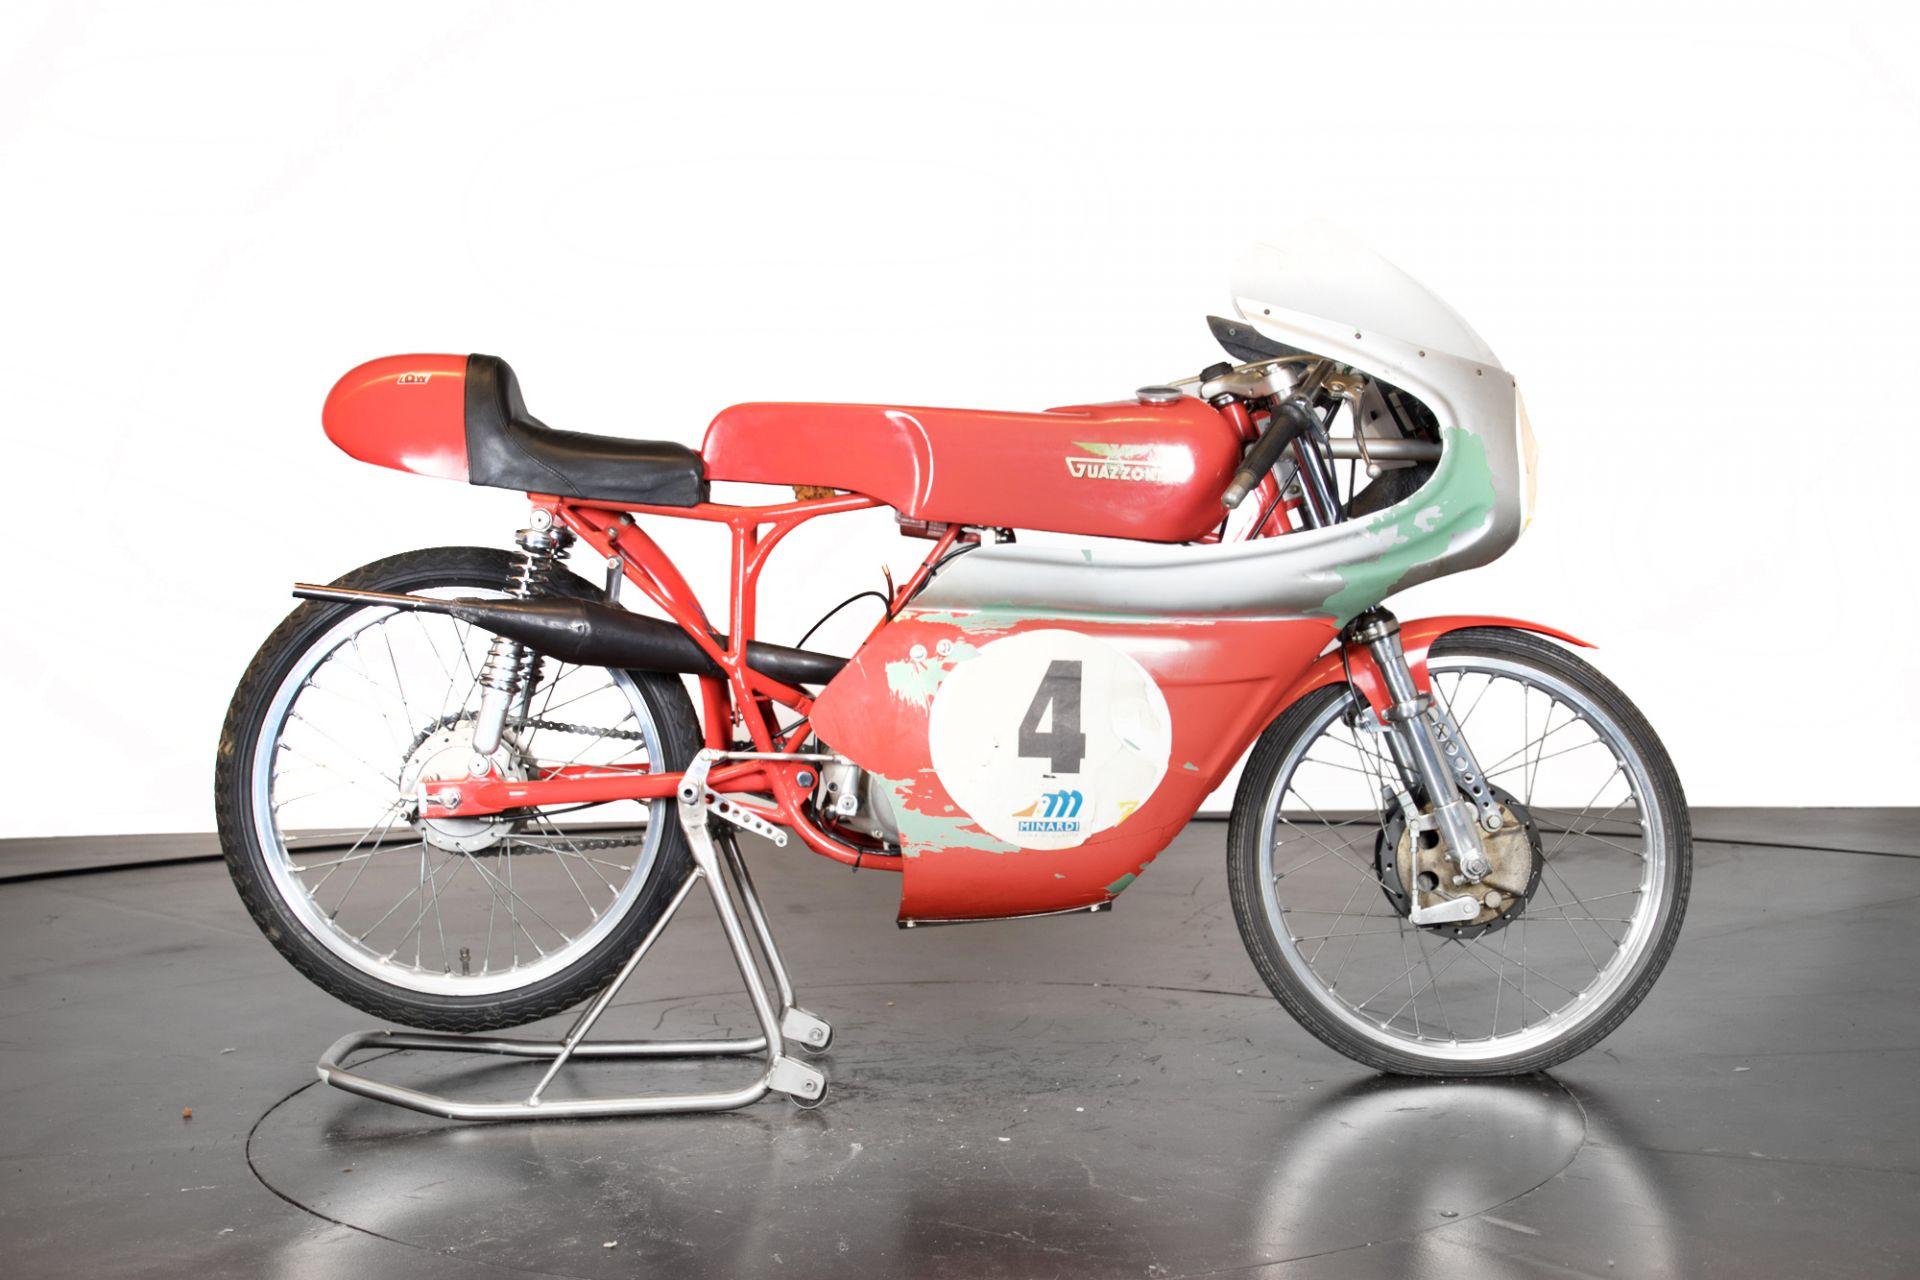 1969 Guazzoni Matta 50 Ingranaggino 36373